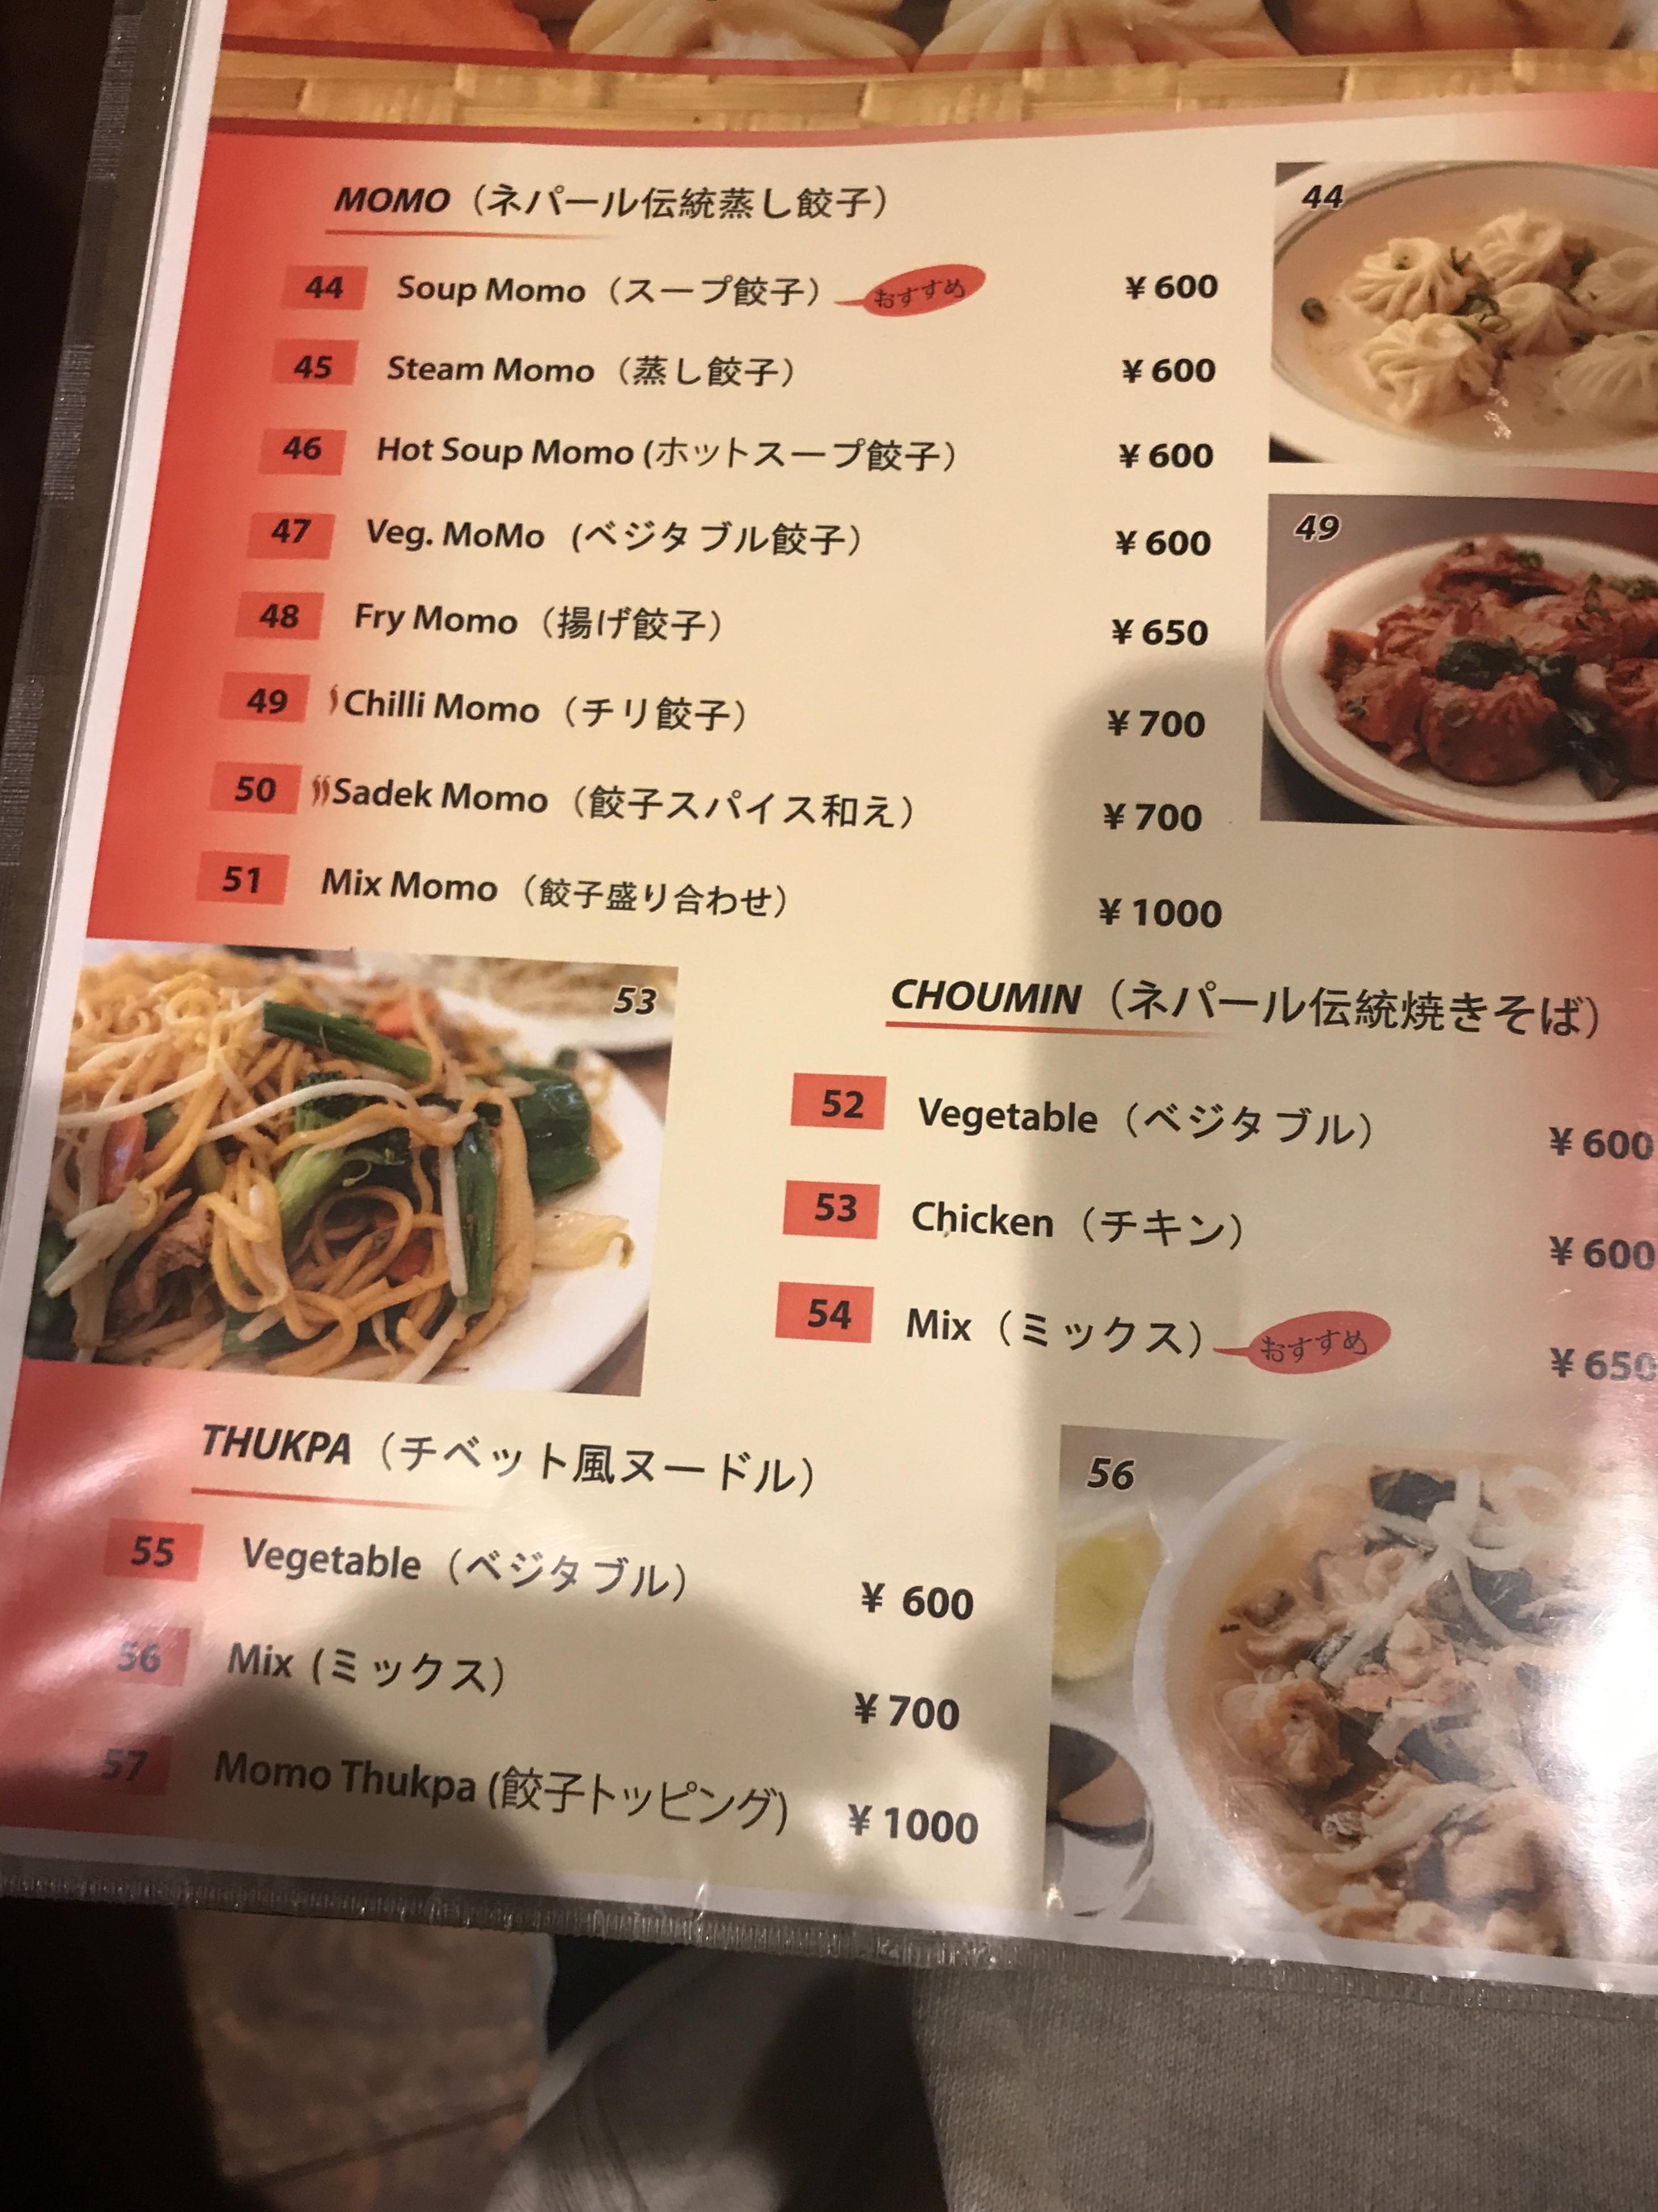 メニューは英語も日本語も。